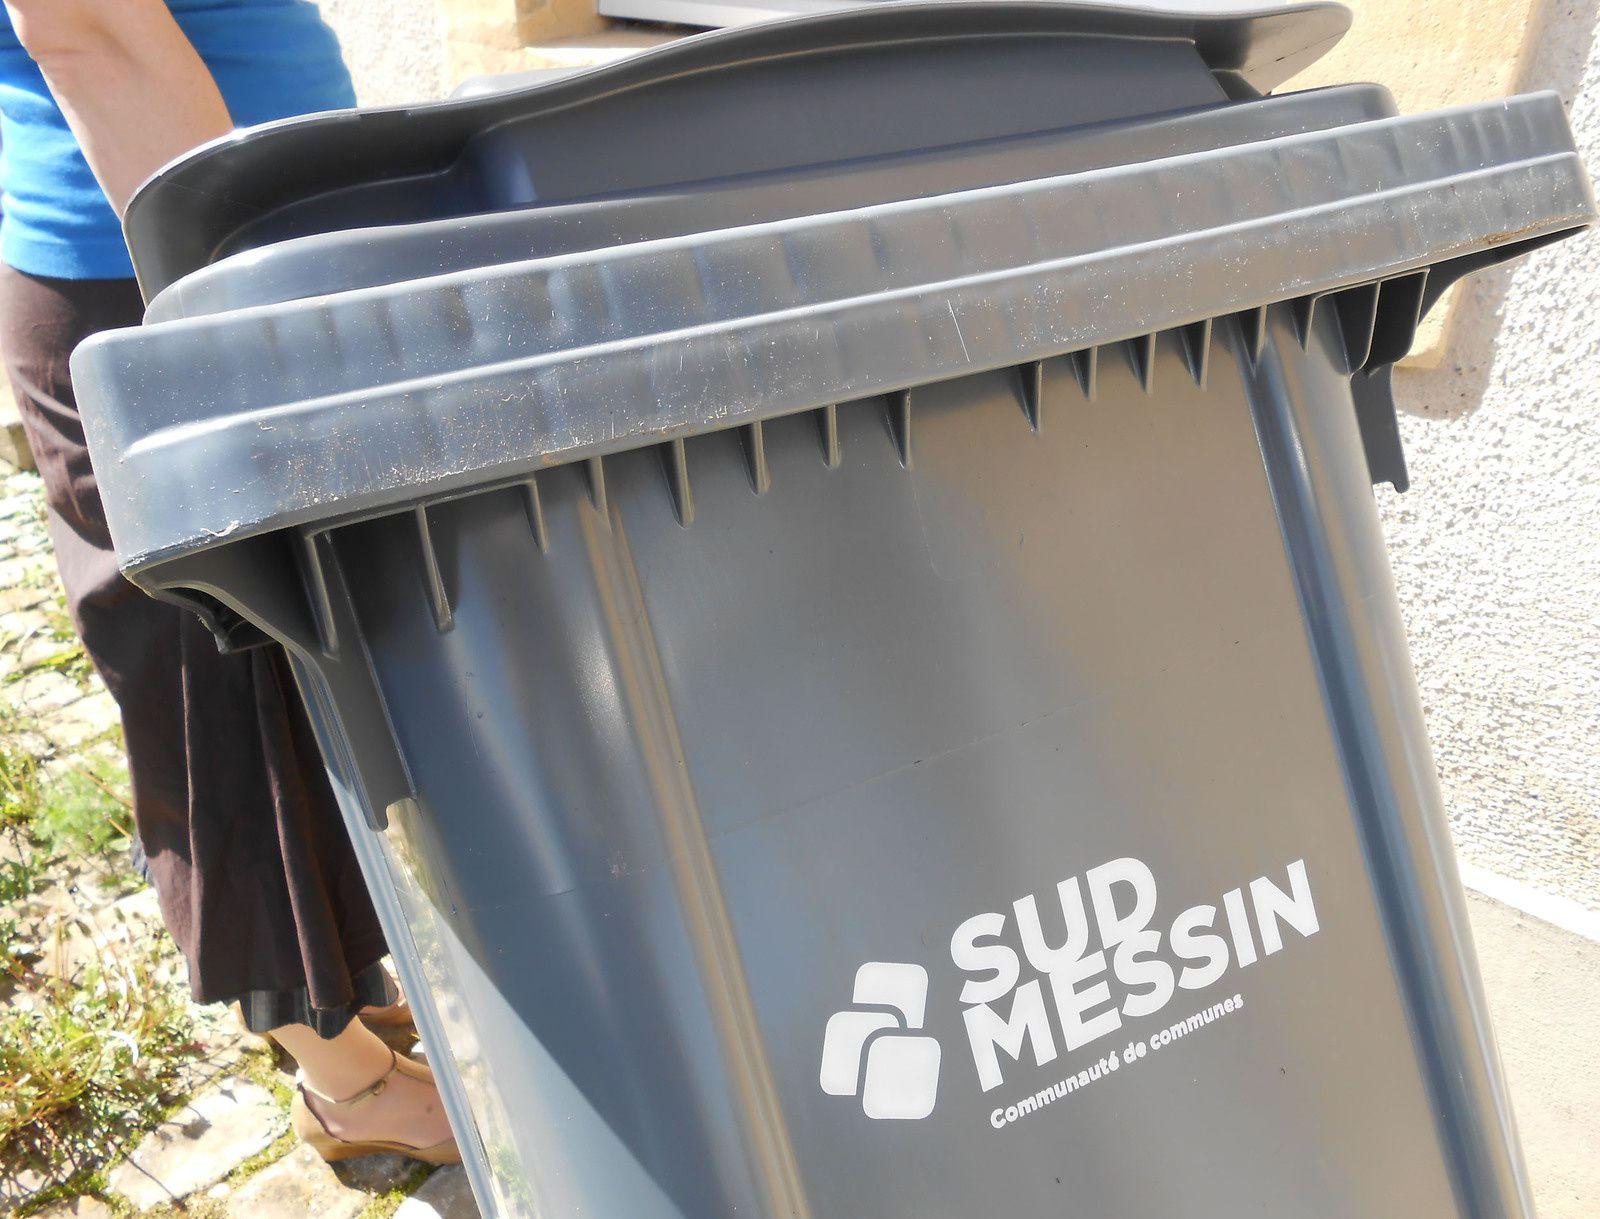 Sud Messin Collecte des déchets durant le week-end de Pâques